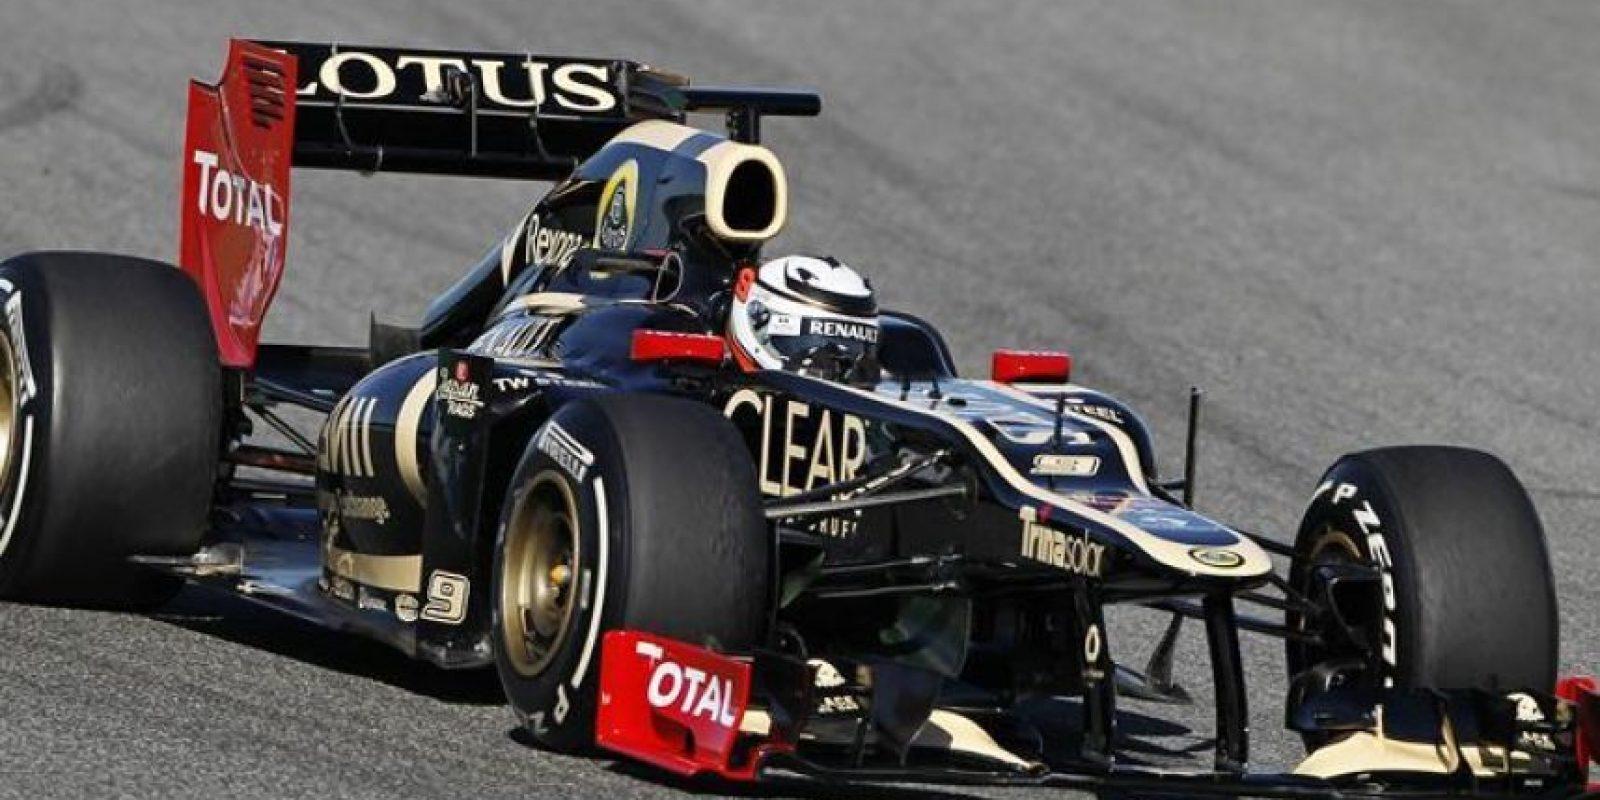 El piloto finlandés Kimi Raikkonen al volante del nuevo monoplaza E20 de la escudería Lotus durante los entrenamientos en el Circuito de Jerez. EFE/Archivo